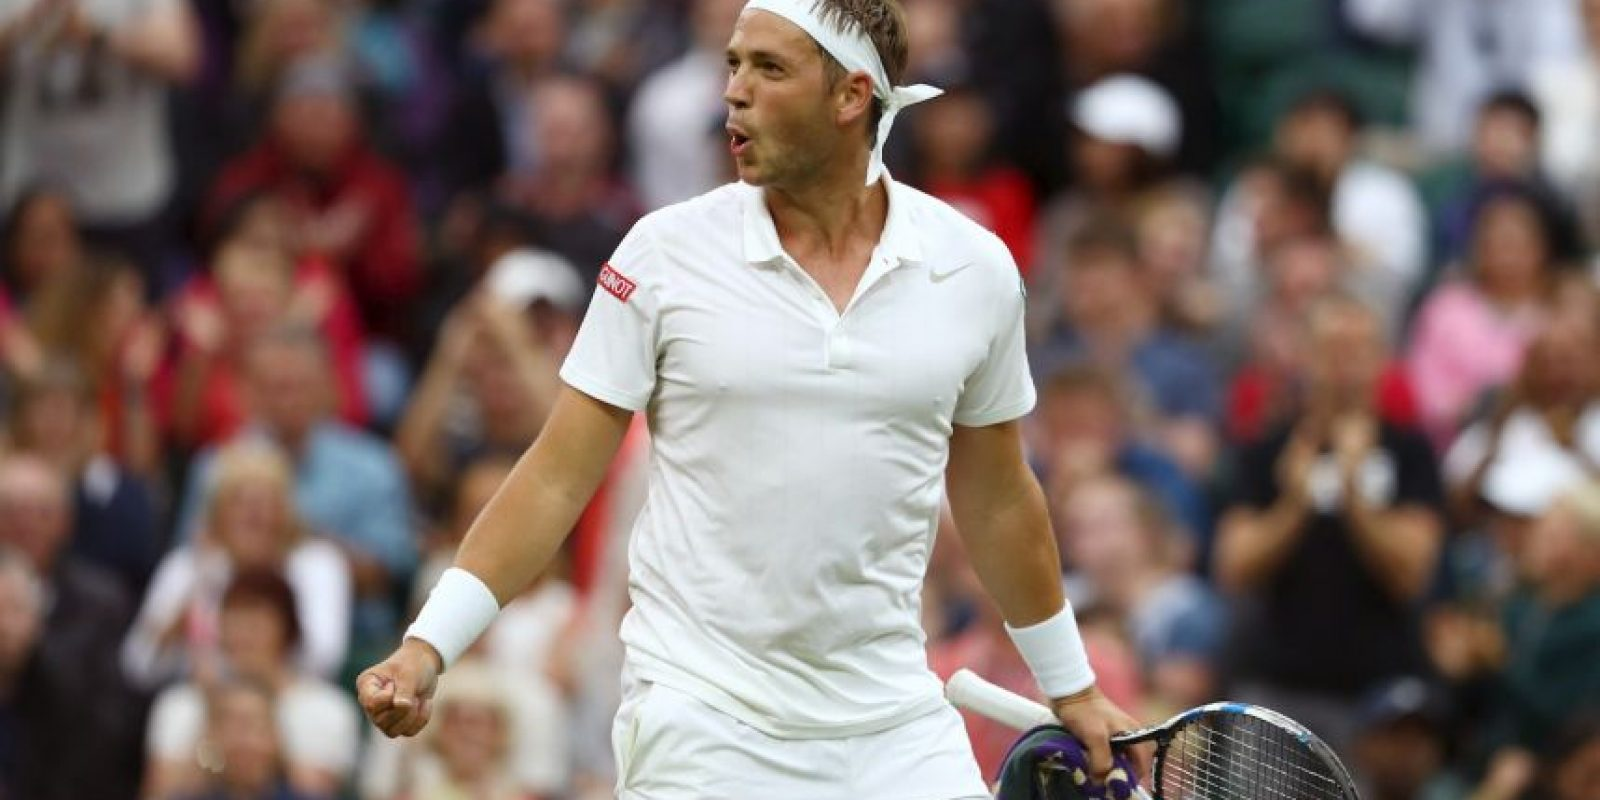 De pasar a ser un profesor de tenis por hora, llegó al cuadro principal de Wimbledon y enfrentó a Roger Federer Foto:Getty Images